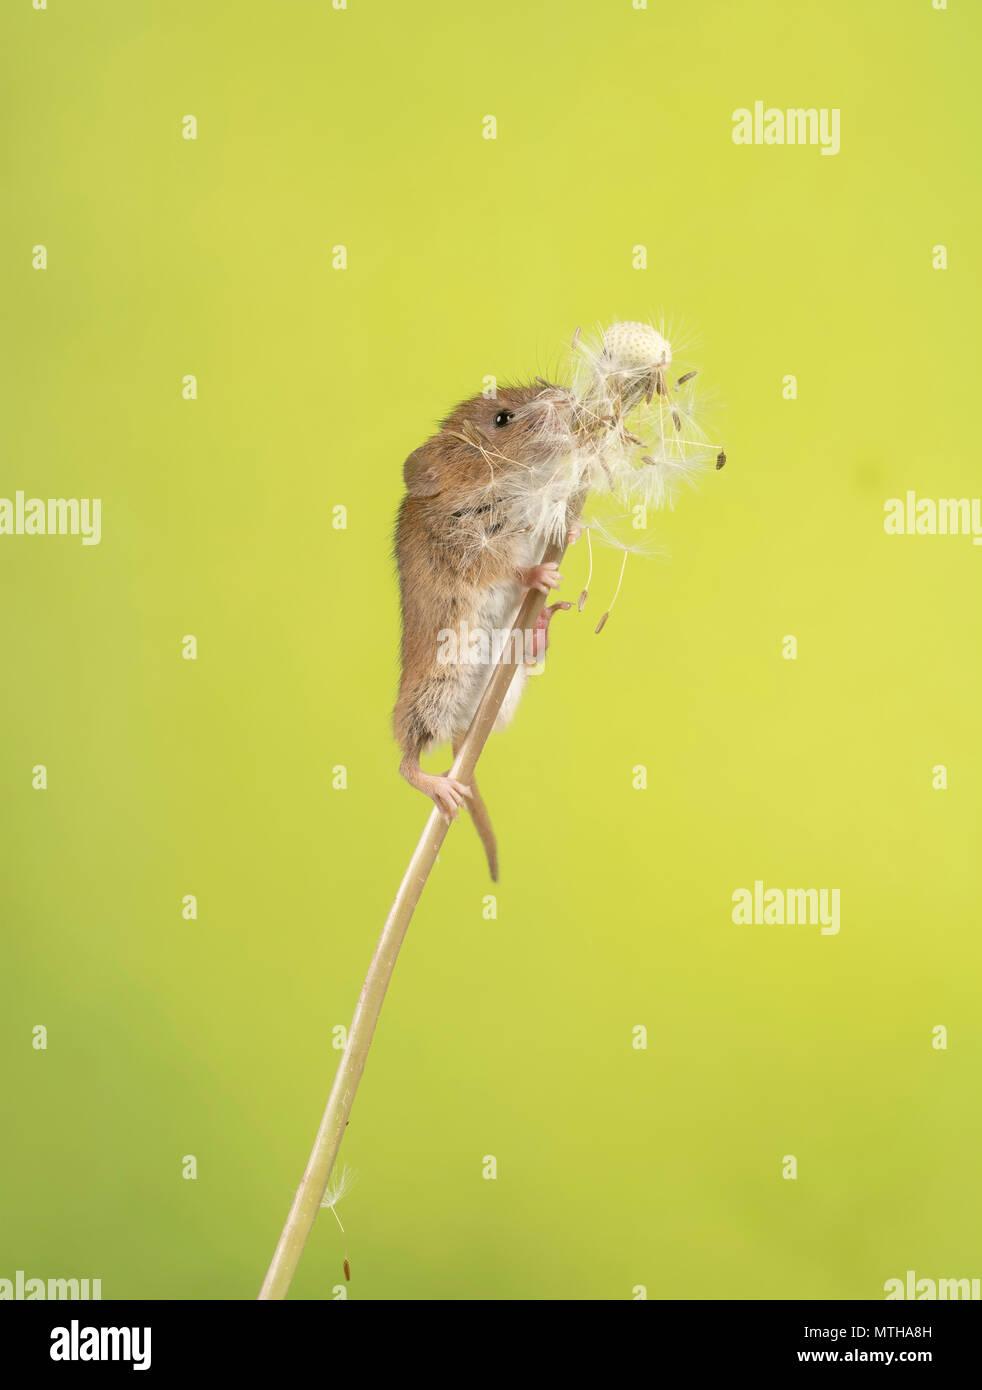 Eine Ernte Maus klettern auf und essen ein Löwenzahn Stockbild